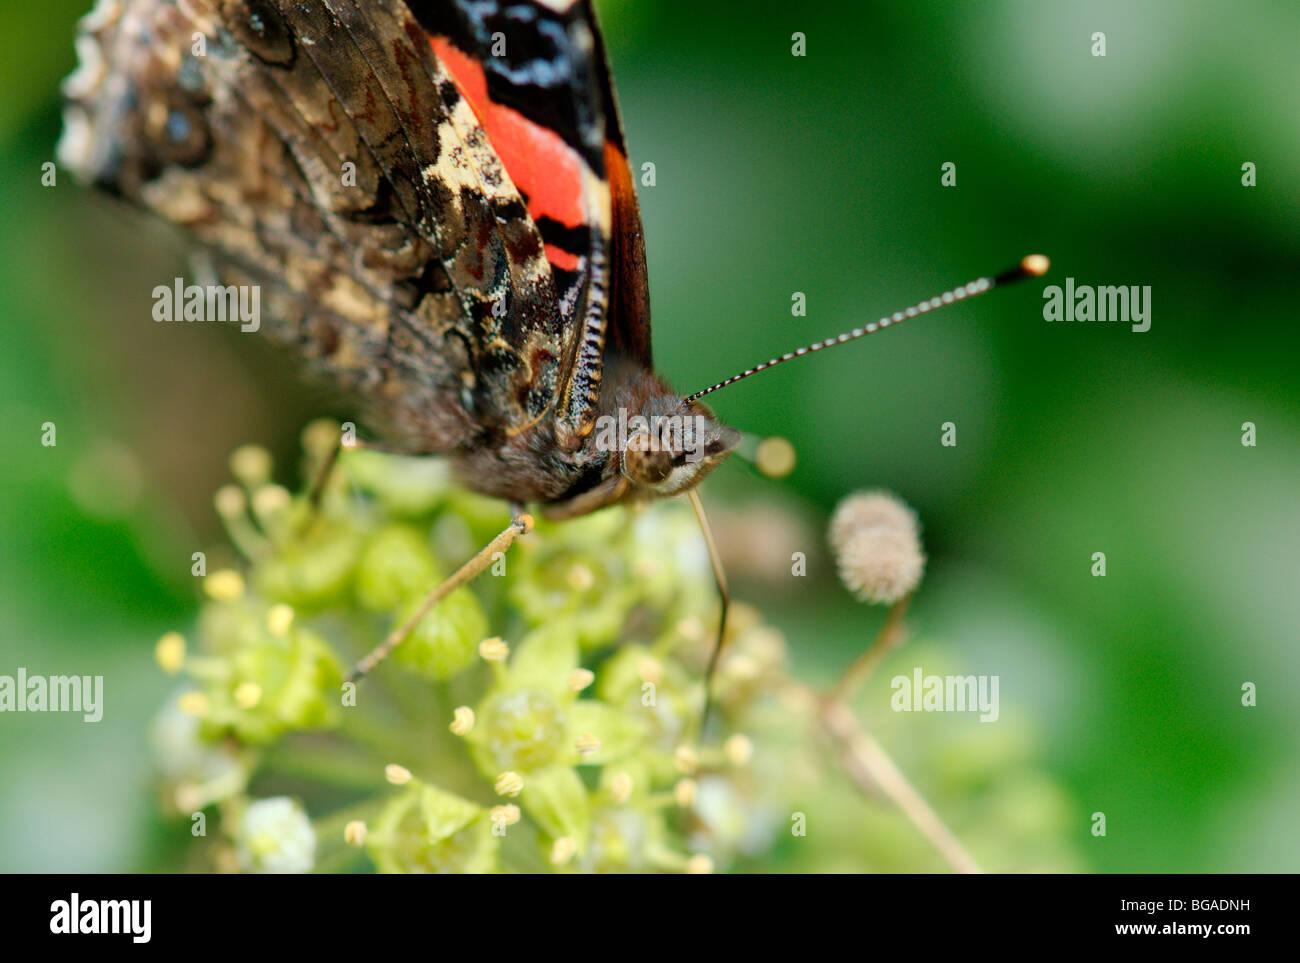 Almirante rojo butterfly (Vanessa Atlanlanta). Cerca de la cabeza. Foto de stock